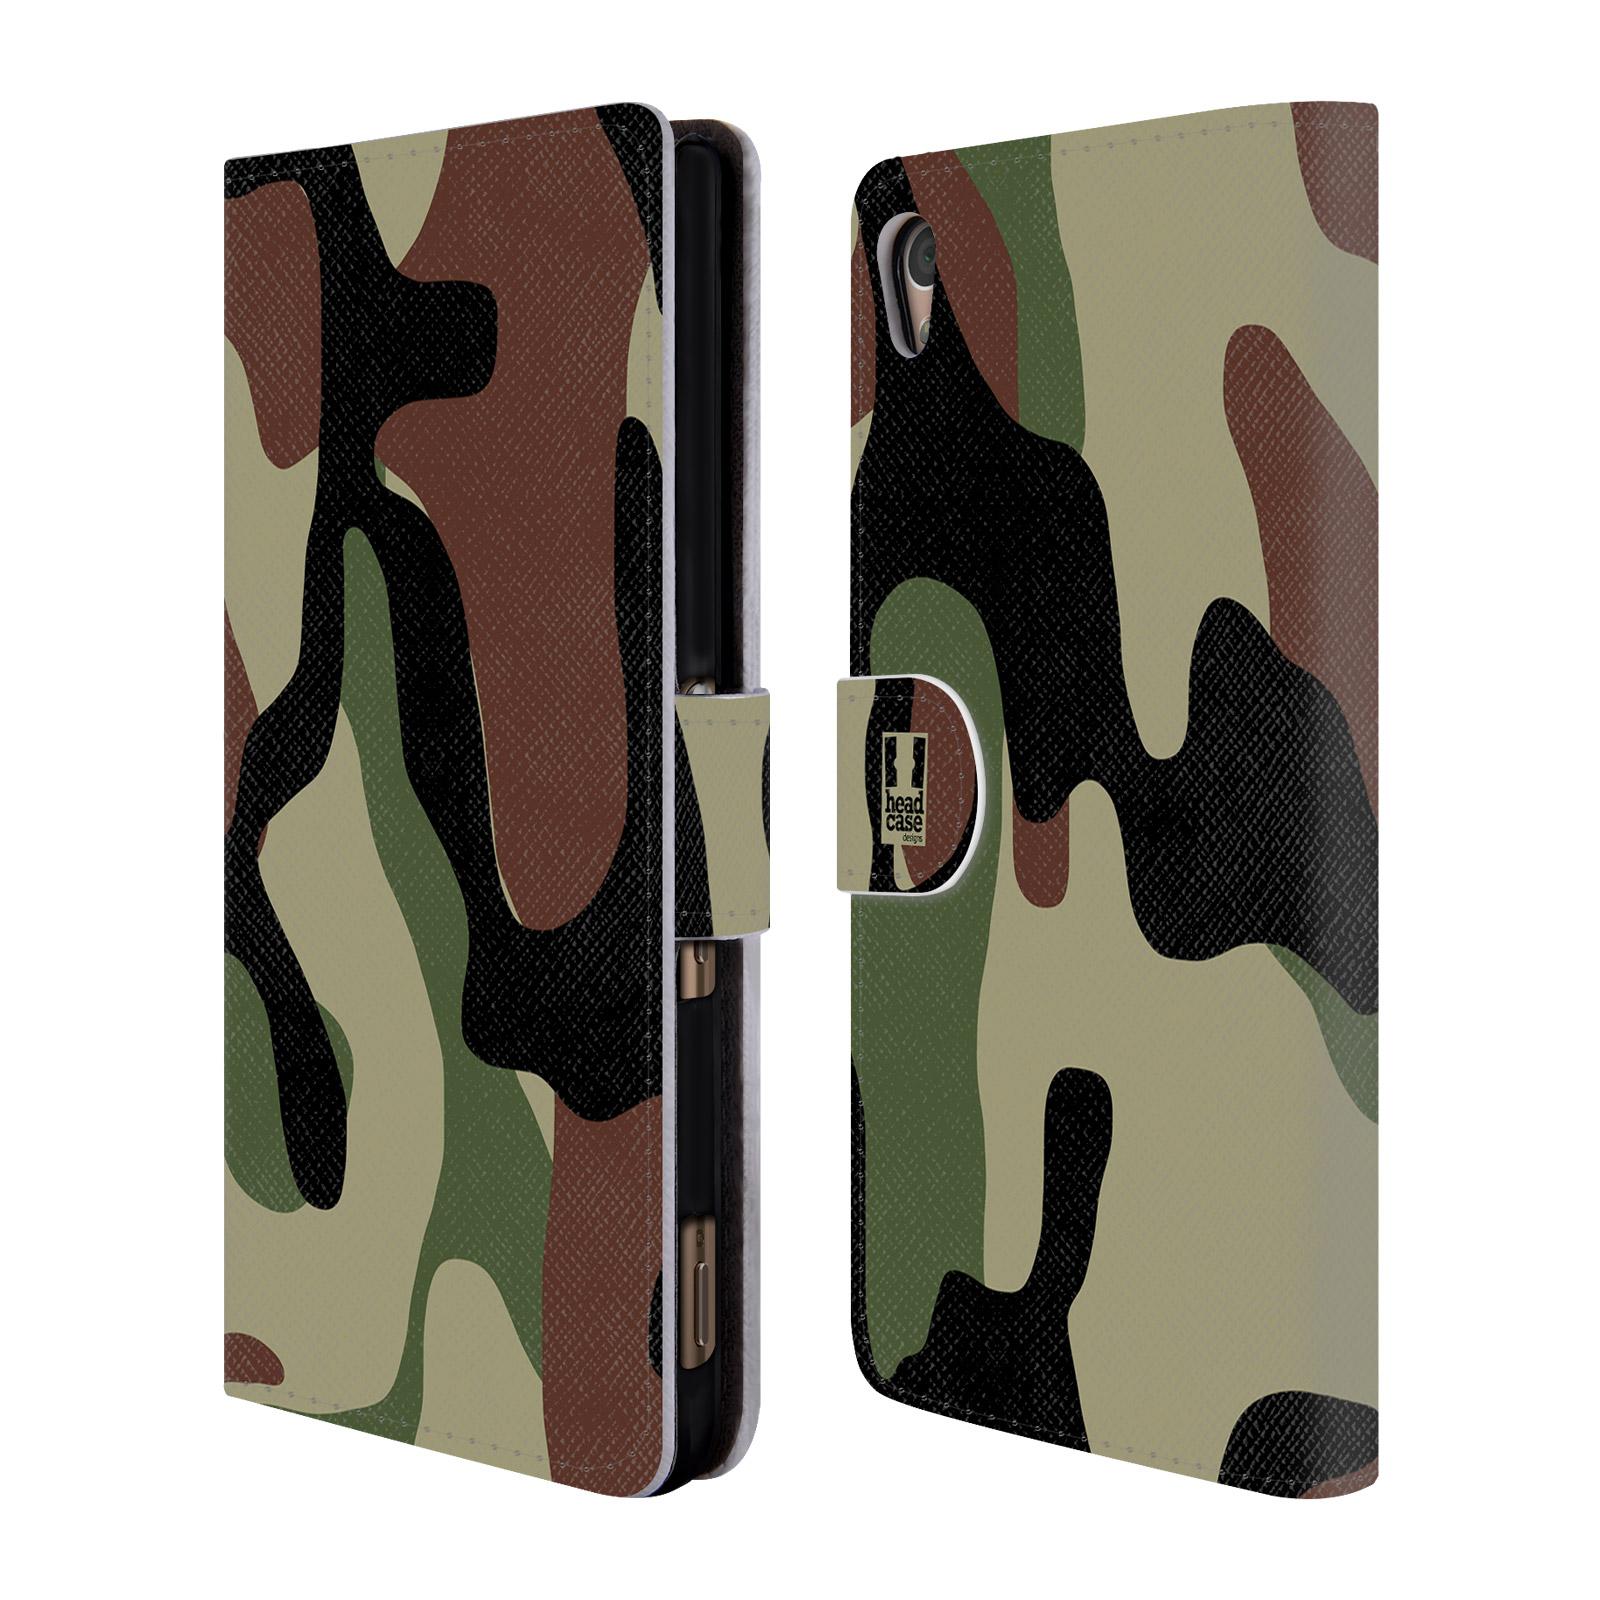 Flipové pouzdro na mobil Sony Xperia Z3+ (Plus) HEAD CASE Maskáče (Flipový vyklápěcí kryt či obal z umělé kůže na mobilní telefon Sony Xperia Z3+ / Z4)